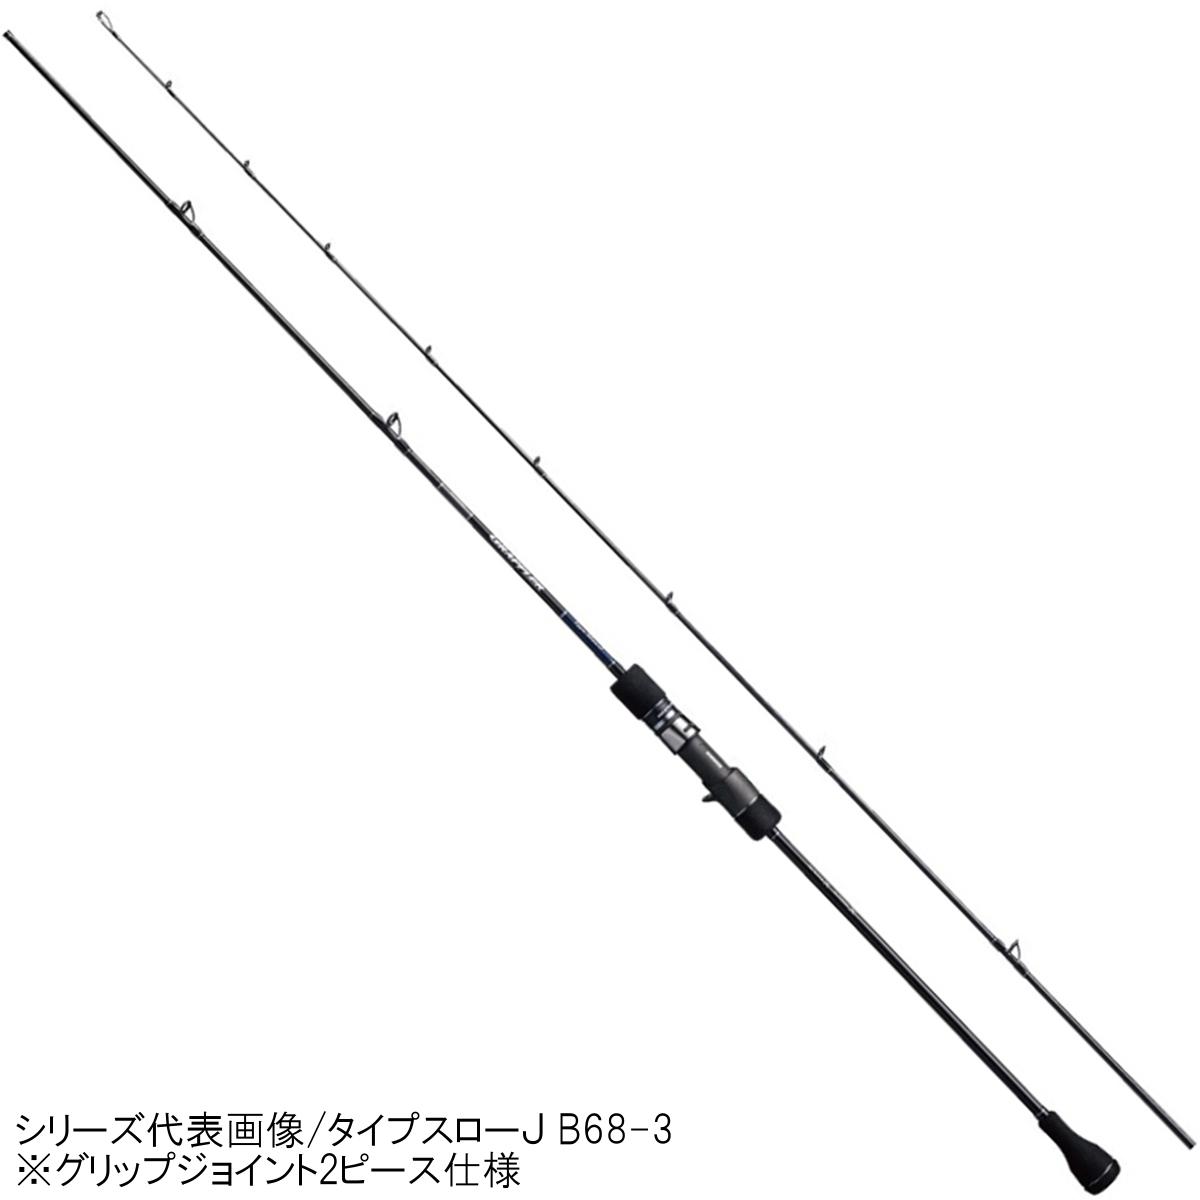 シマノ グラップラー タイプスローJ B68-5【大型商品】【送料無料】